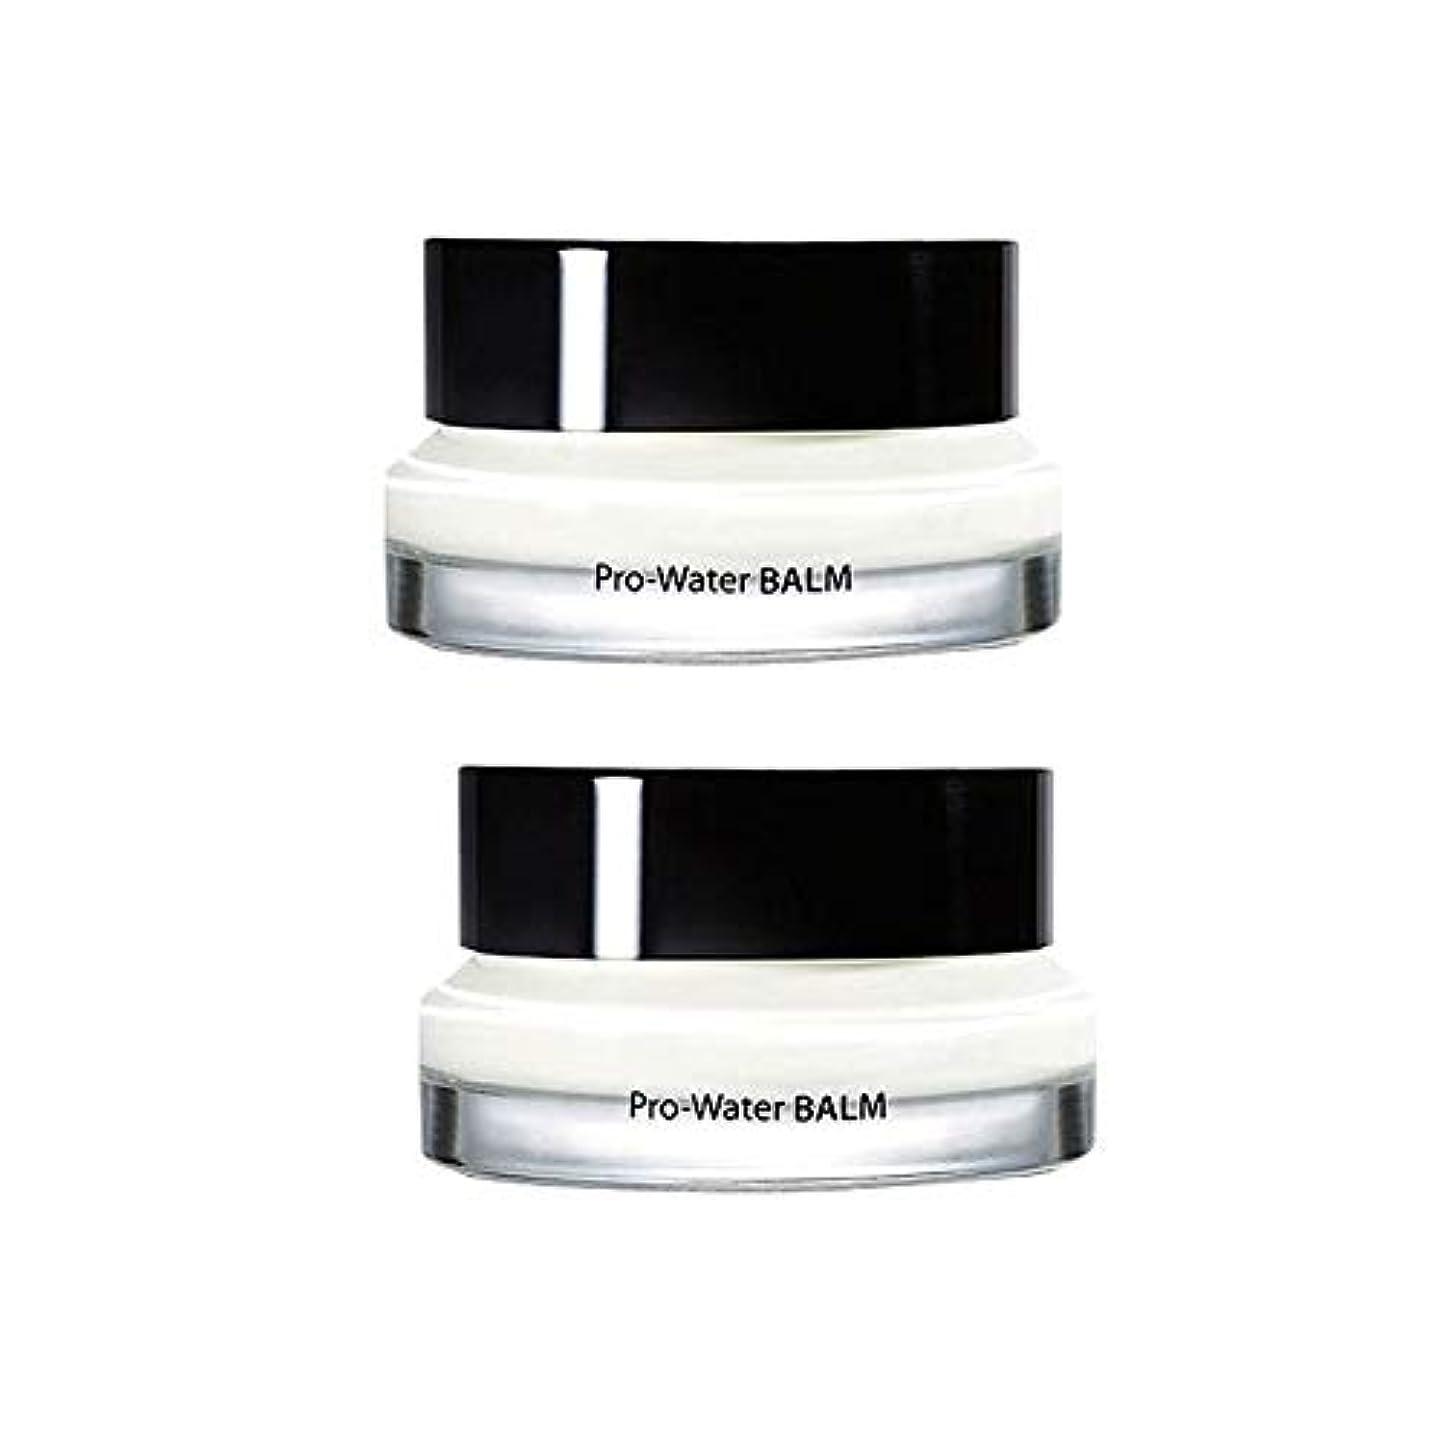 クルーズガイドライン以上ルナプロウォーターbalm 50mlx2本セット韓国コスメ、Luna Pro-Water Balm 50ml x 2ea Set Korean Cosmetics [並行輸入品]